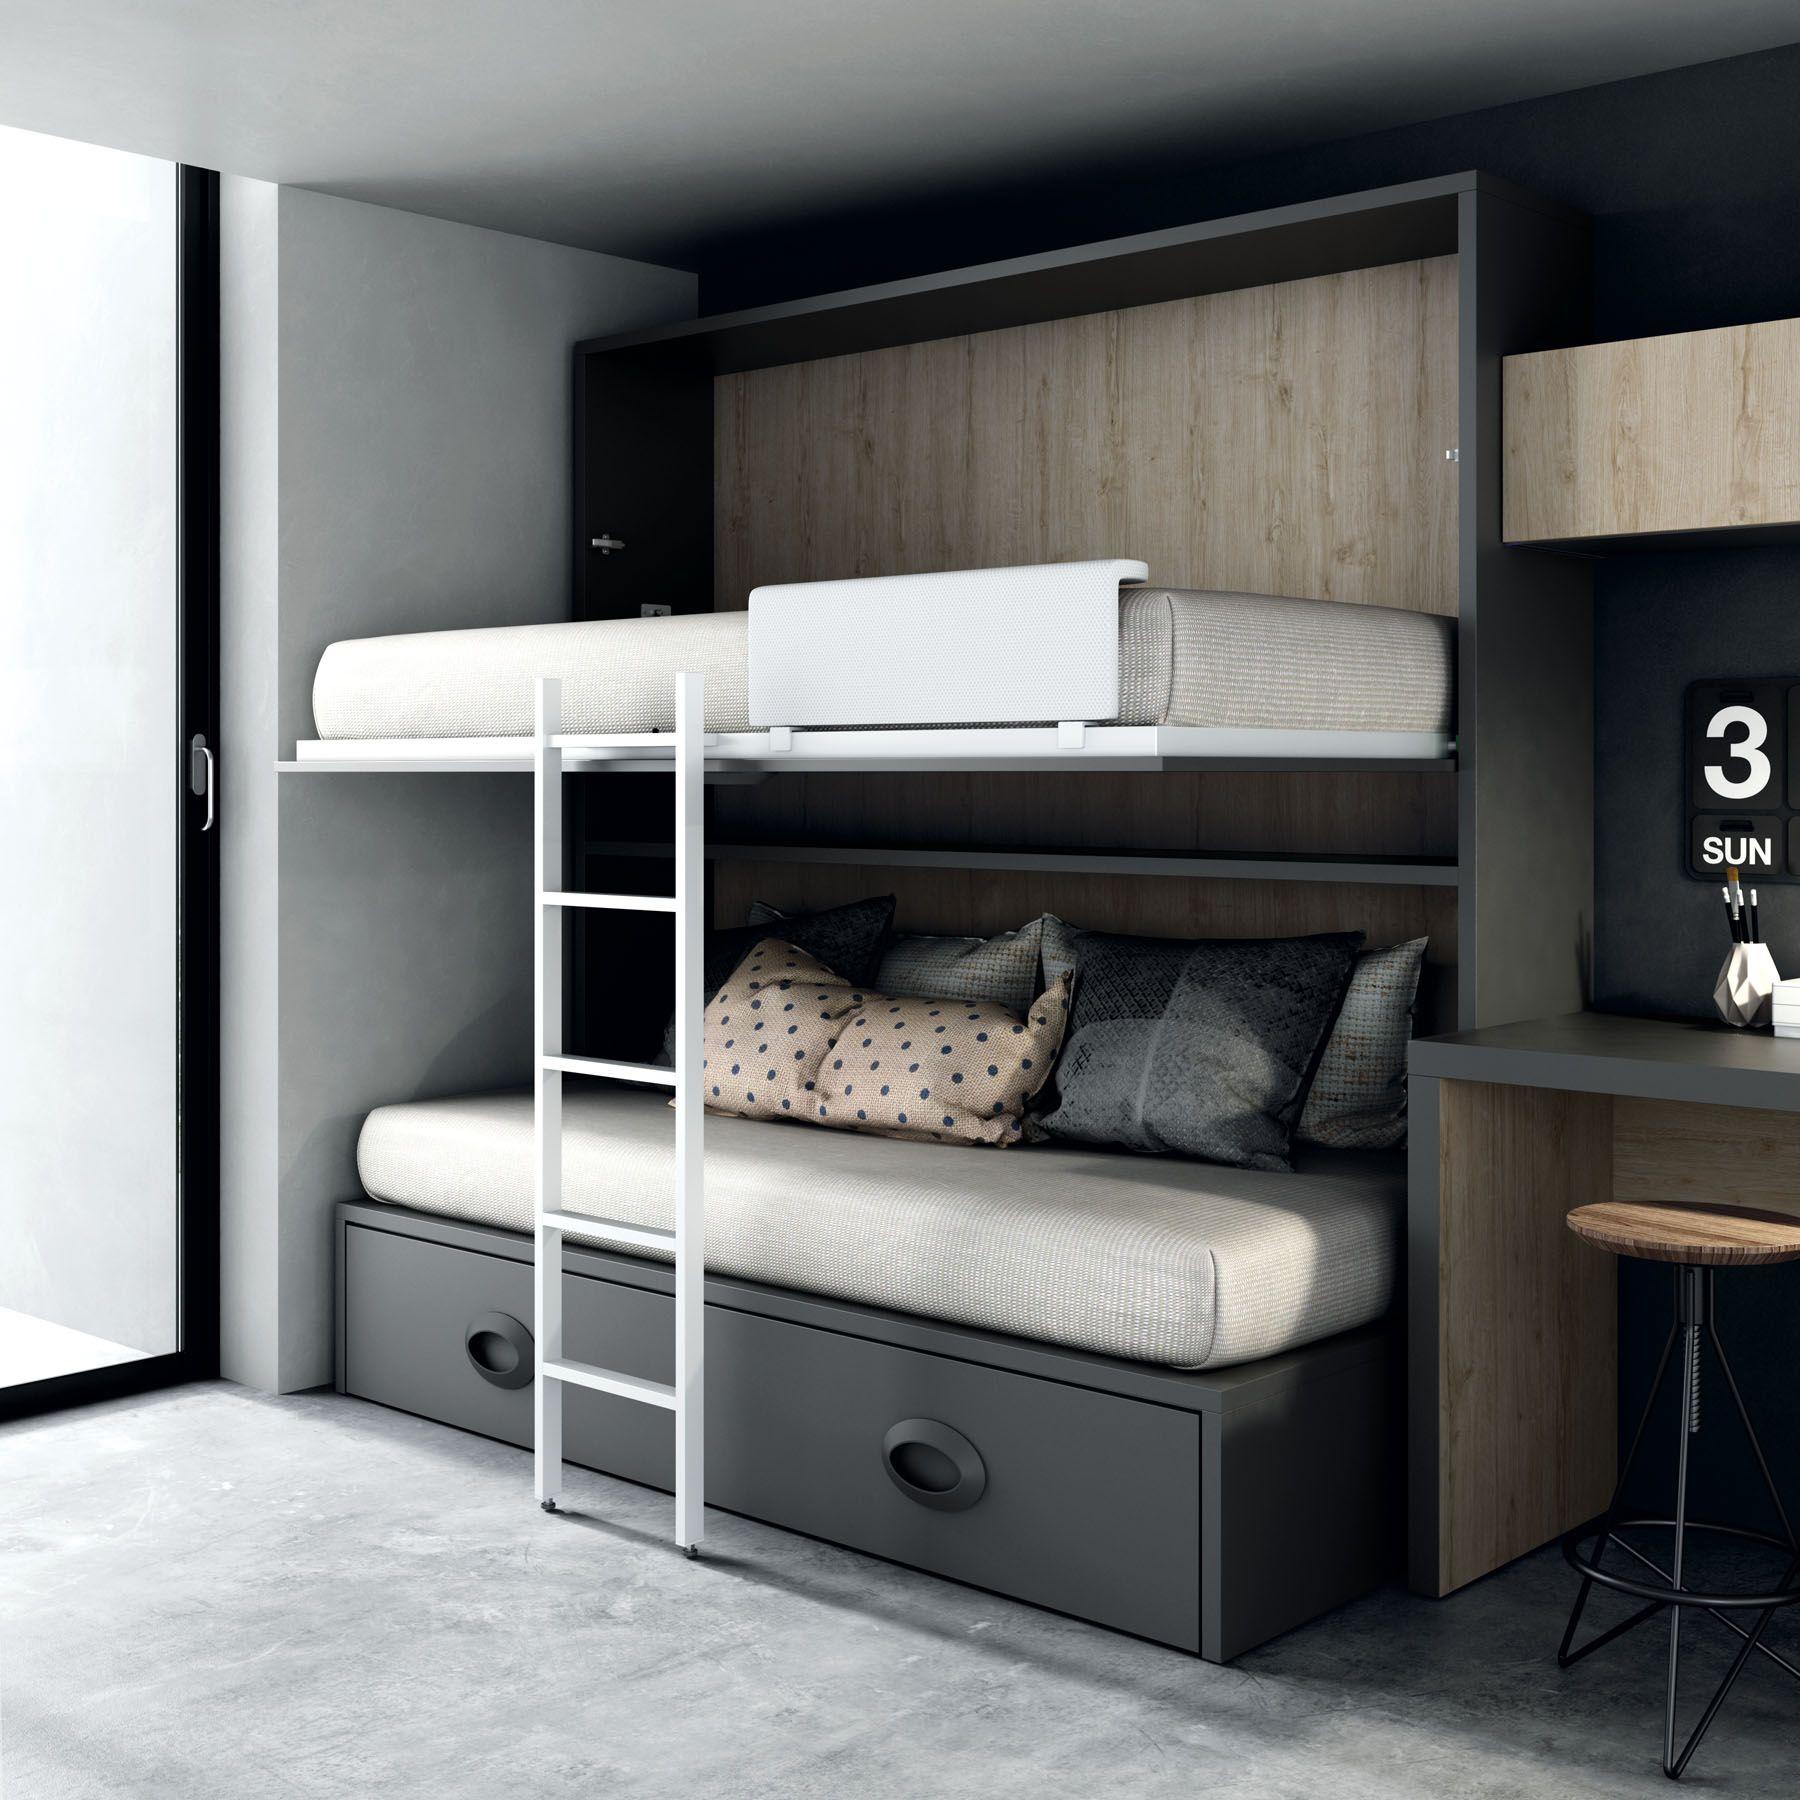 Pin de arista mobiliario en camas para dormitorios con poco espacio pinterest literas - Literas para habitaciones pequenas ...